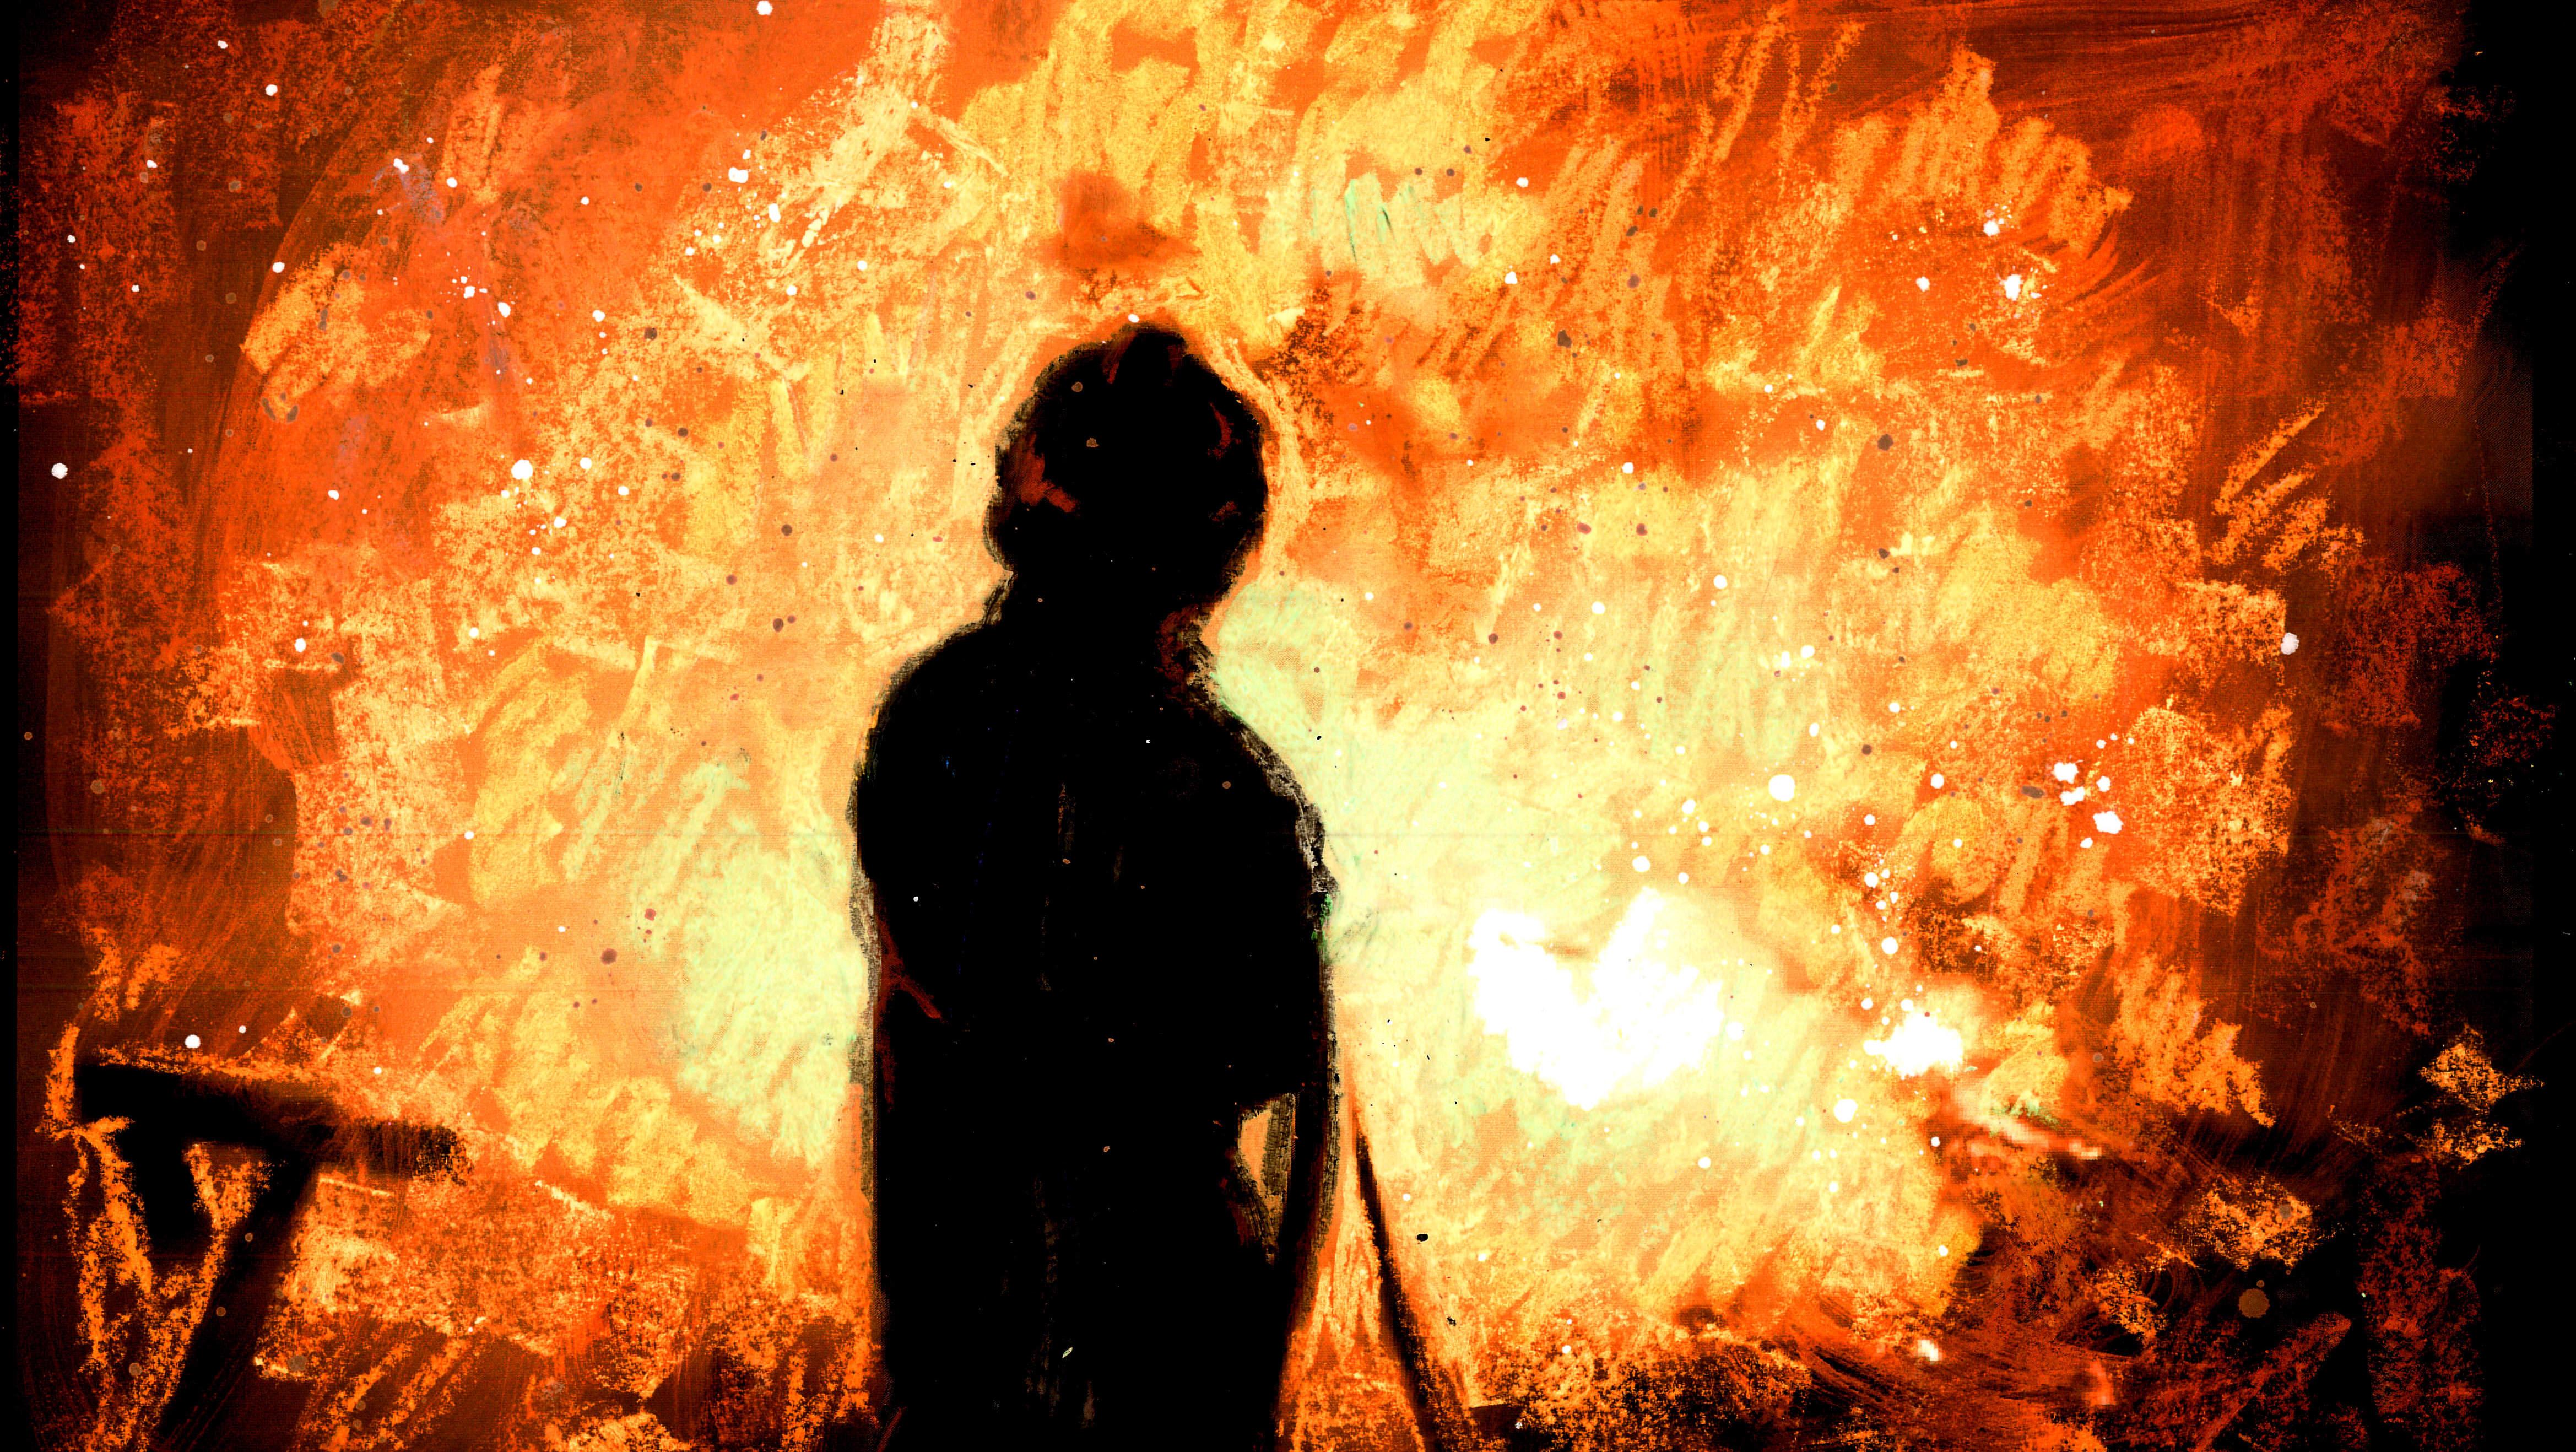 fire final 5